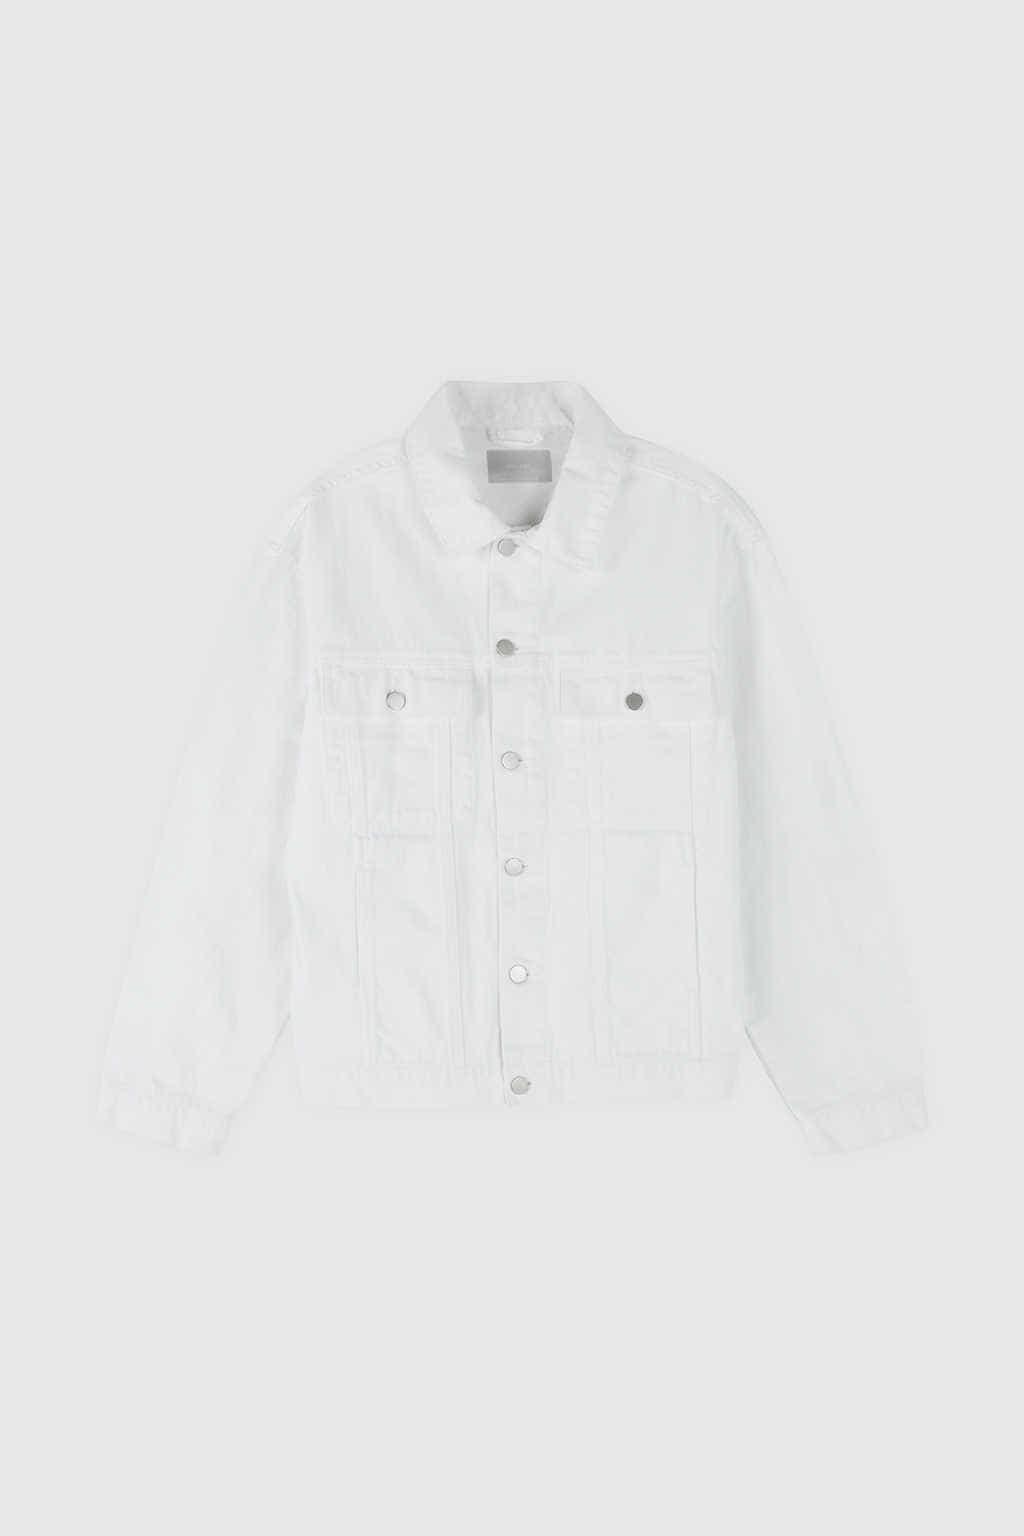 Denim Jacket 3318 White 22